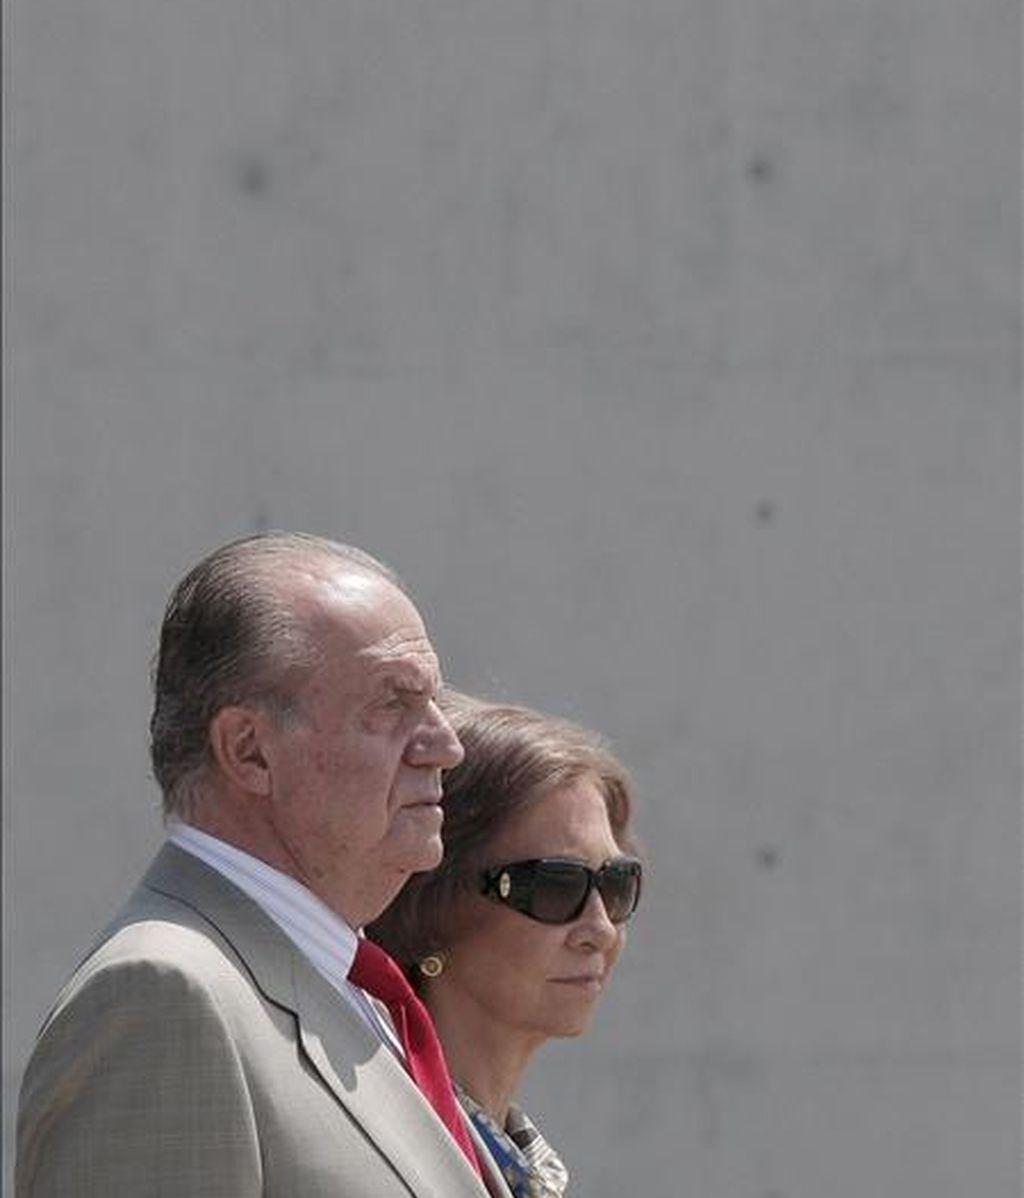 Los Reyes de España, durante el acto de despedida oficial, el pasado jueves, en el Pabellón de Estado de la T-4 del aeropuerto de Barajas, en Madrid, con motivo de su viaje de Estado a Nueva Zelanda y Australia. EFE